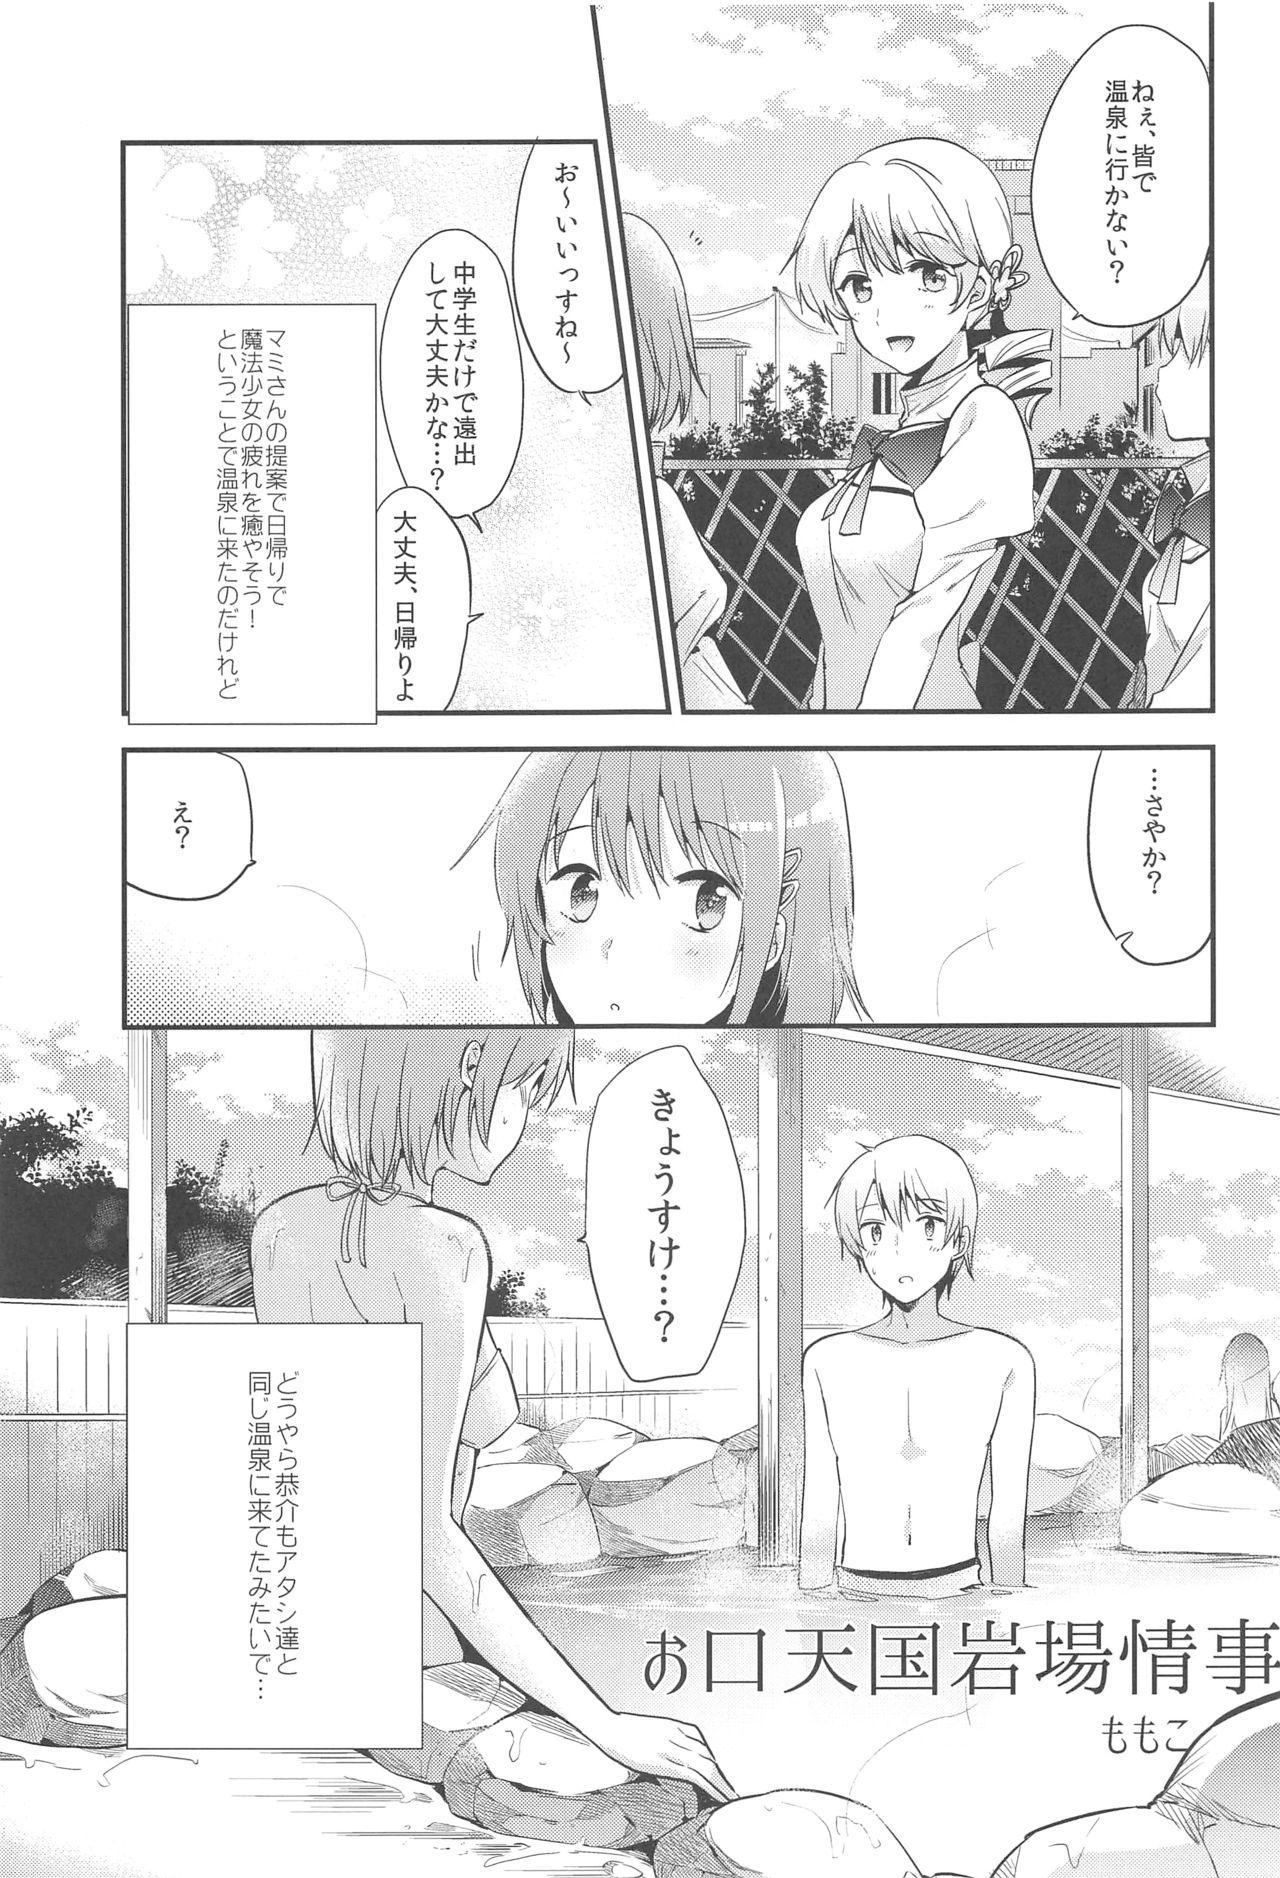 MadoHomu no Yu Puella Magi Dosukebe Onsen 23